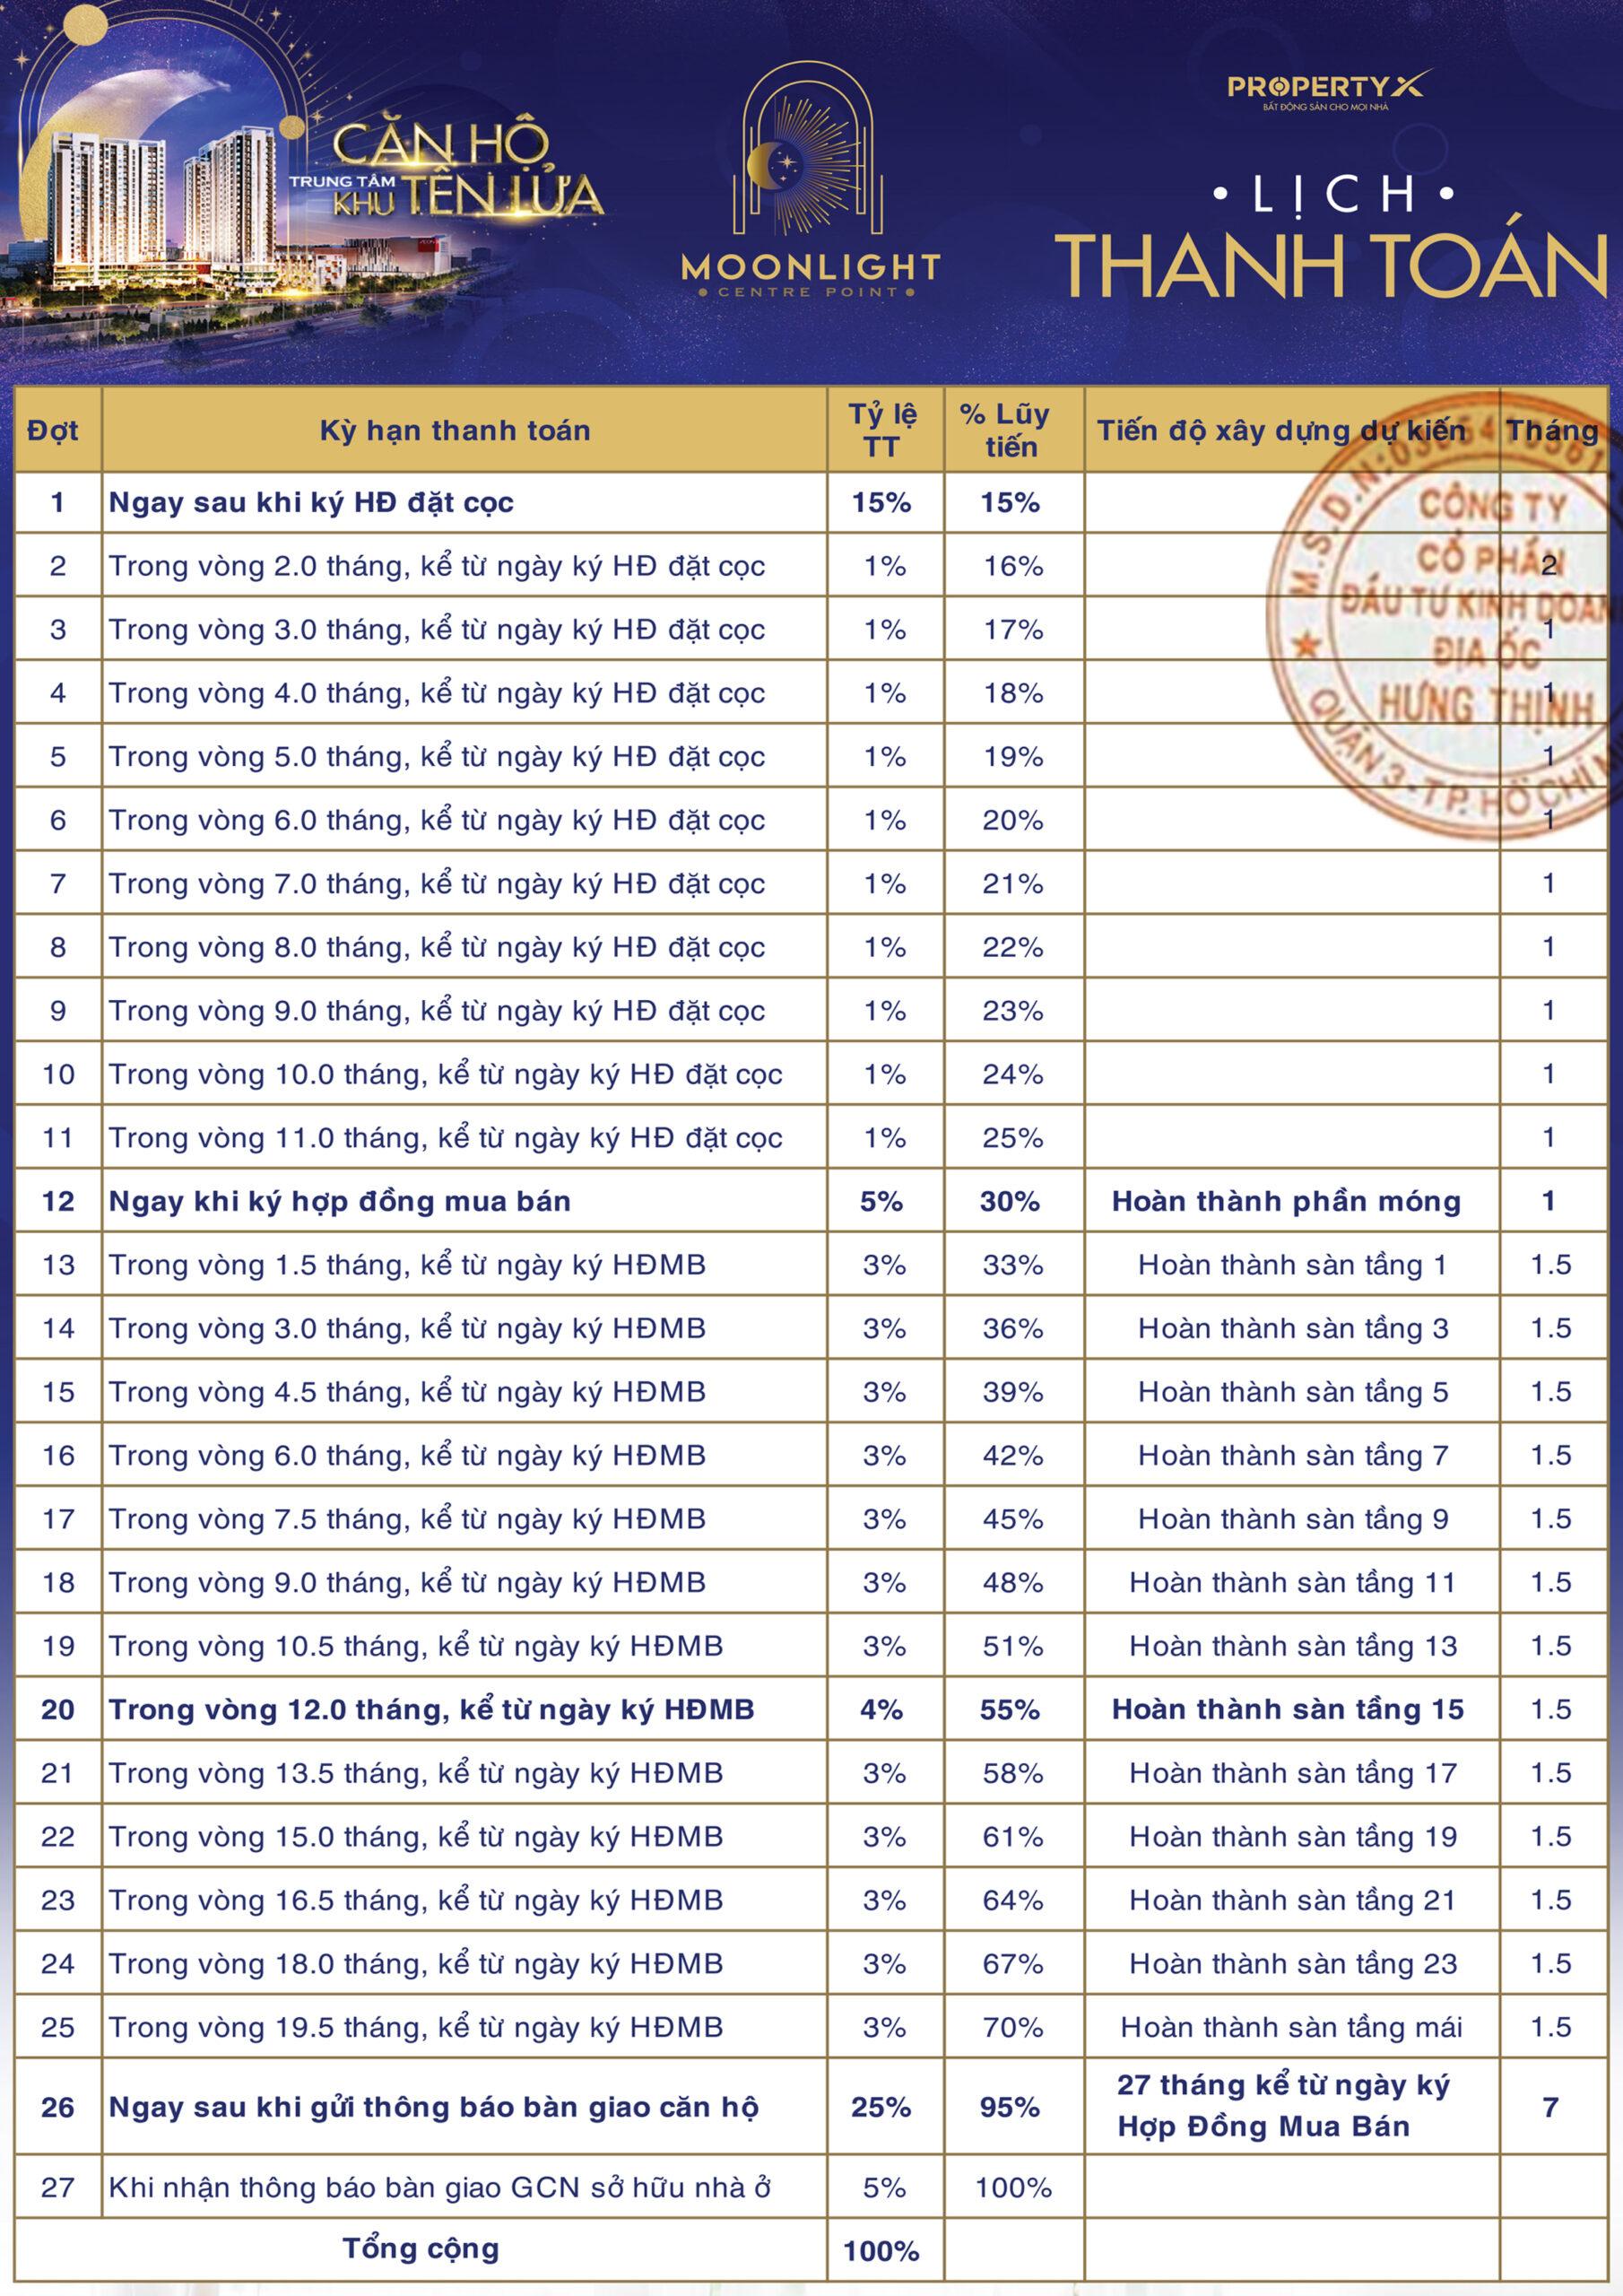 Chi tiết lịch thanh toán dự án Moonlight Centre Point Bình Tân